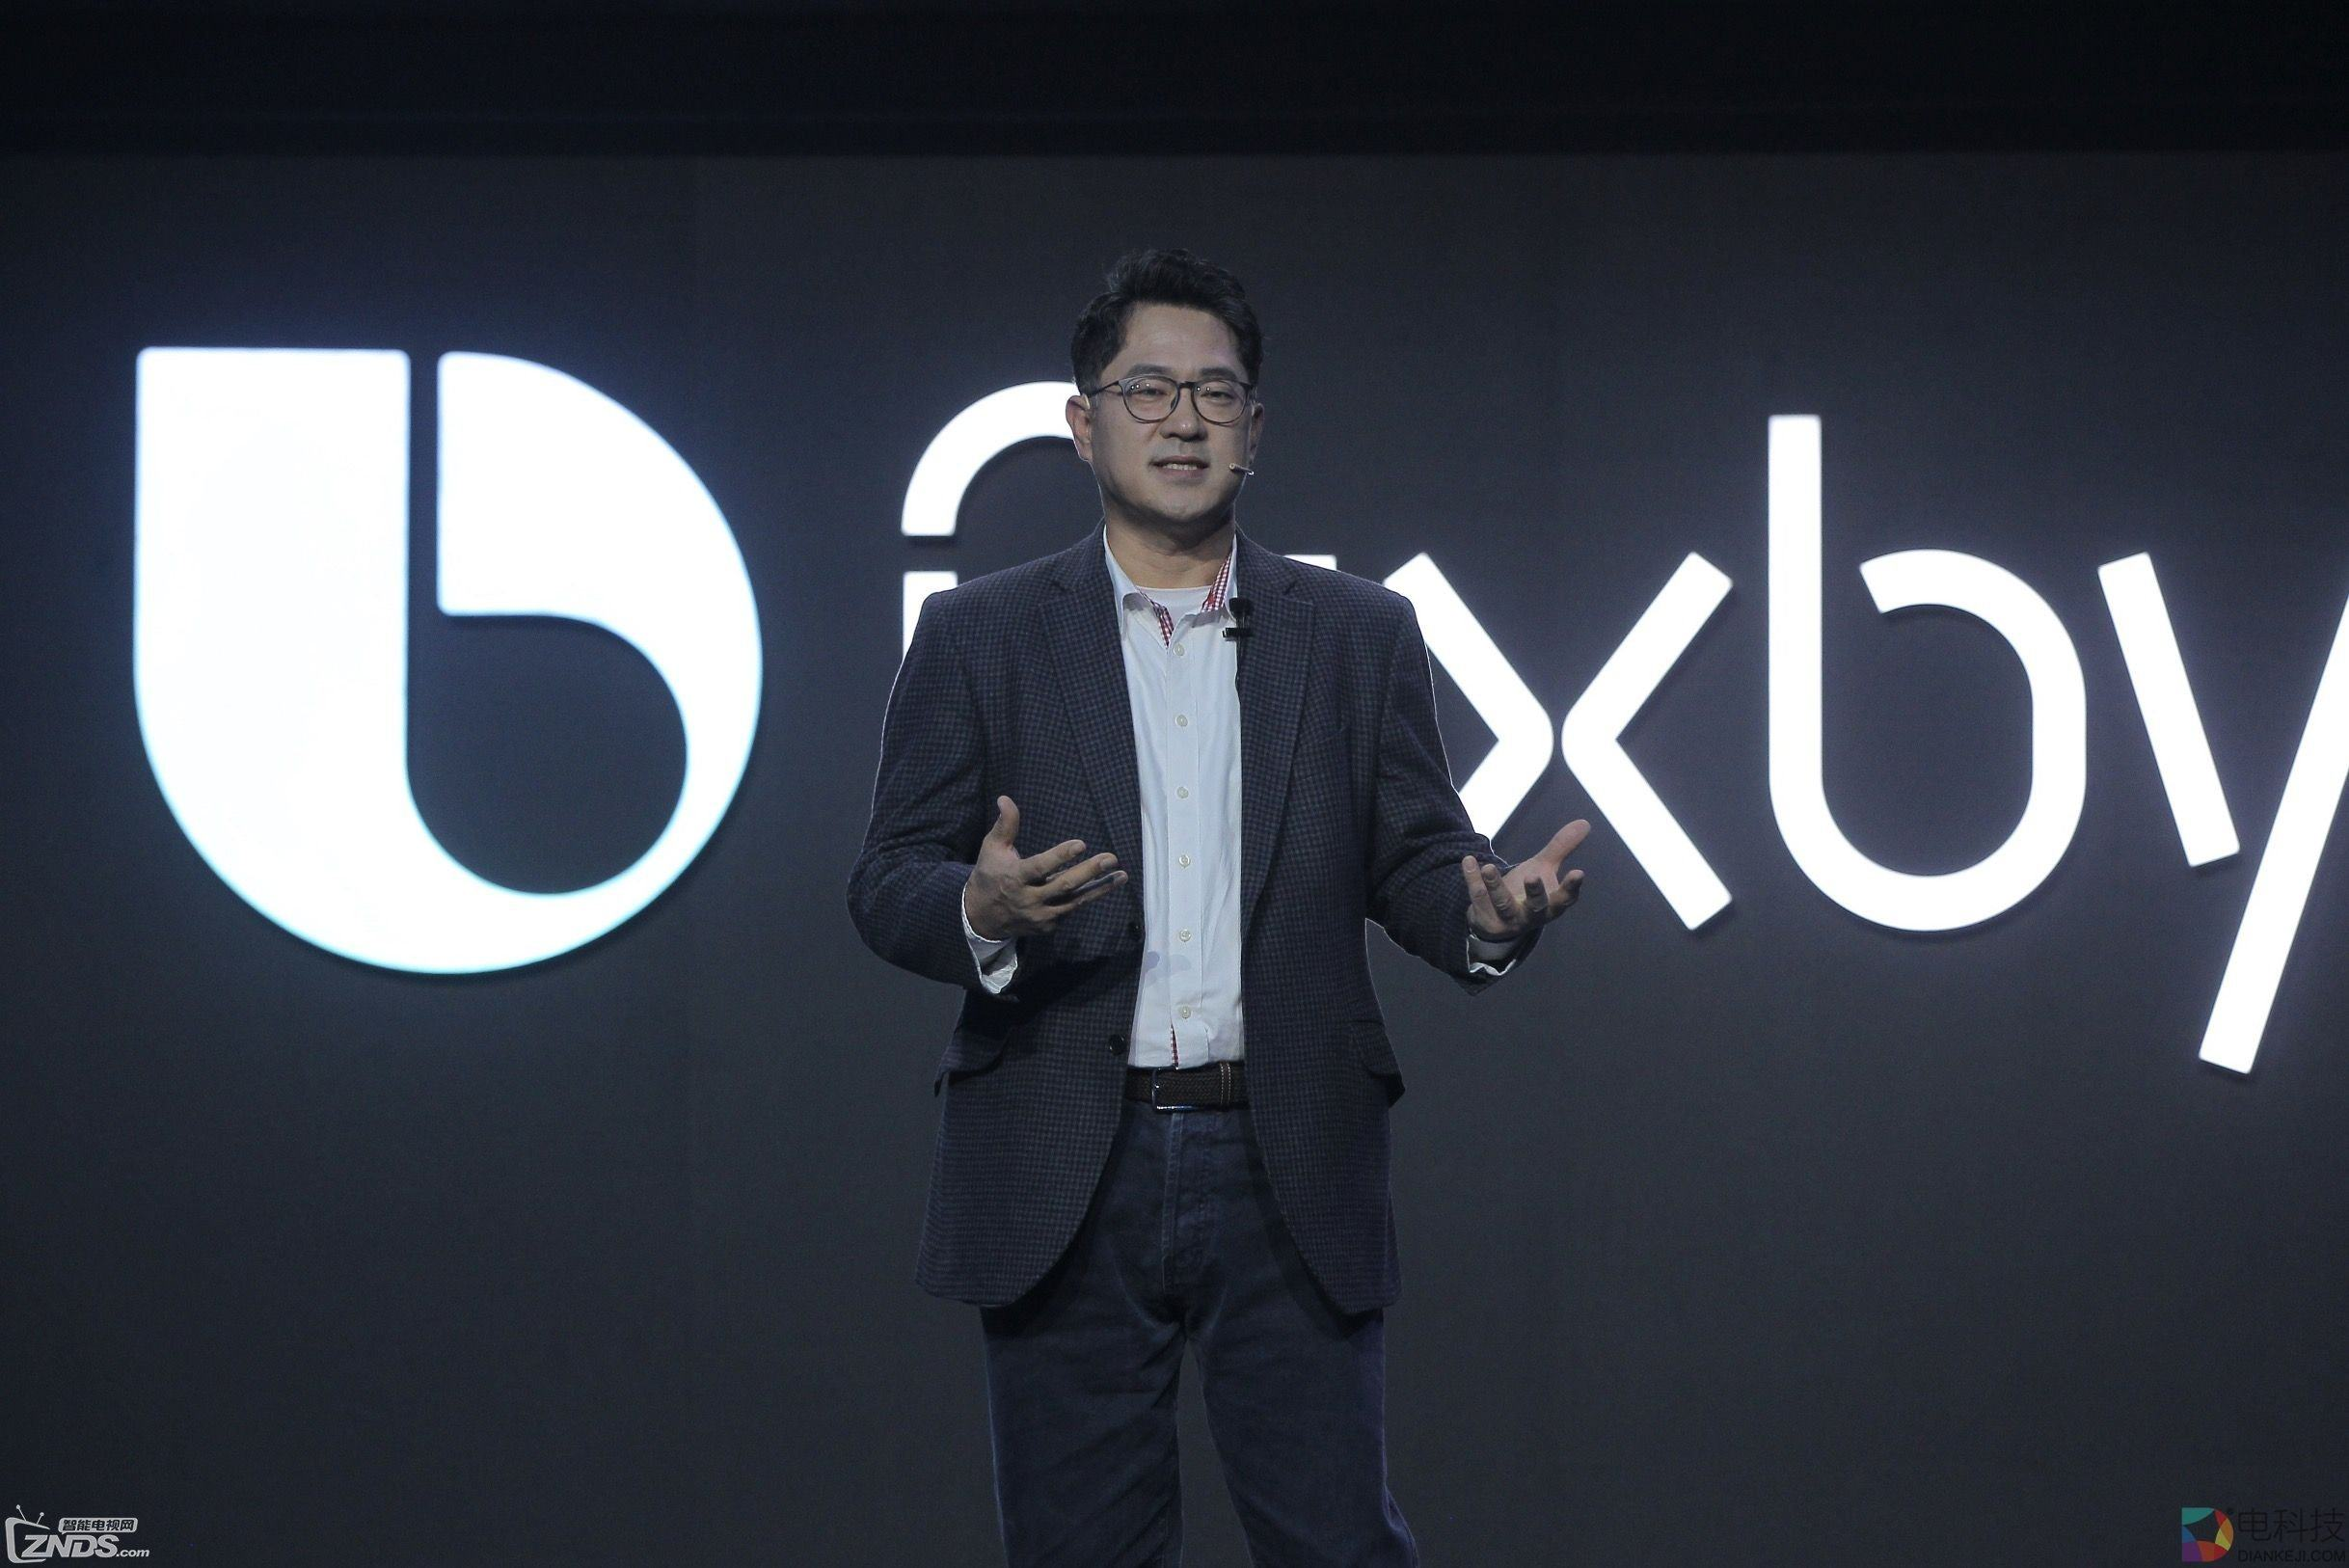 三星发布人工智能平台Bixby中文版 跨越国际打通语音差异